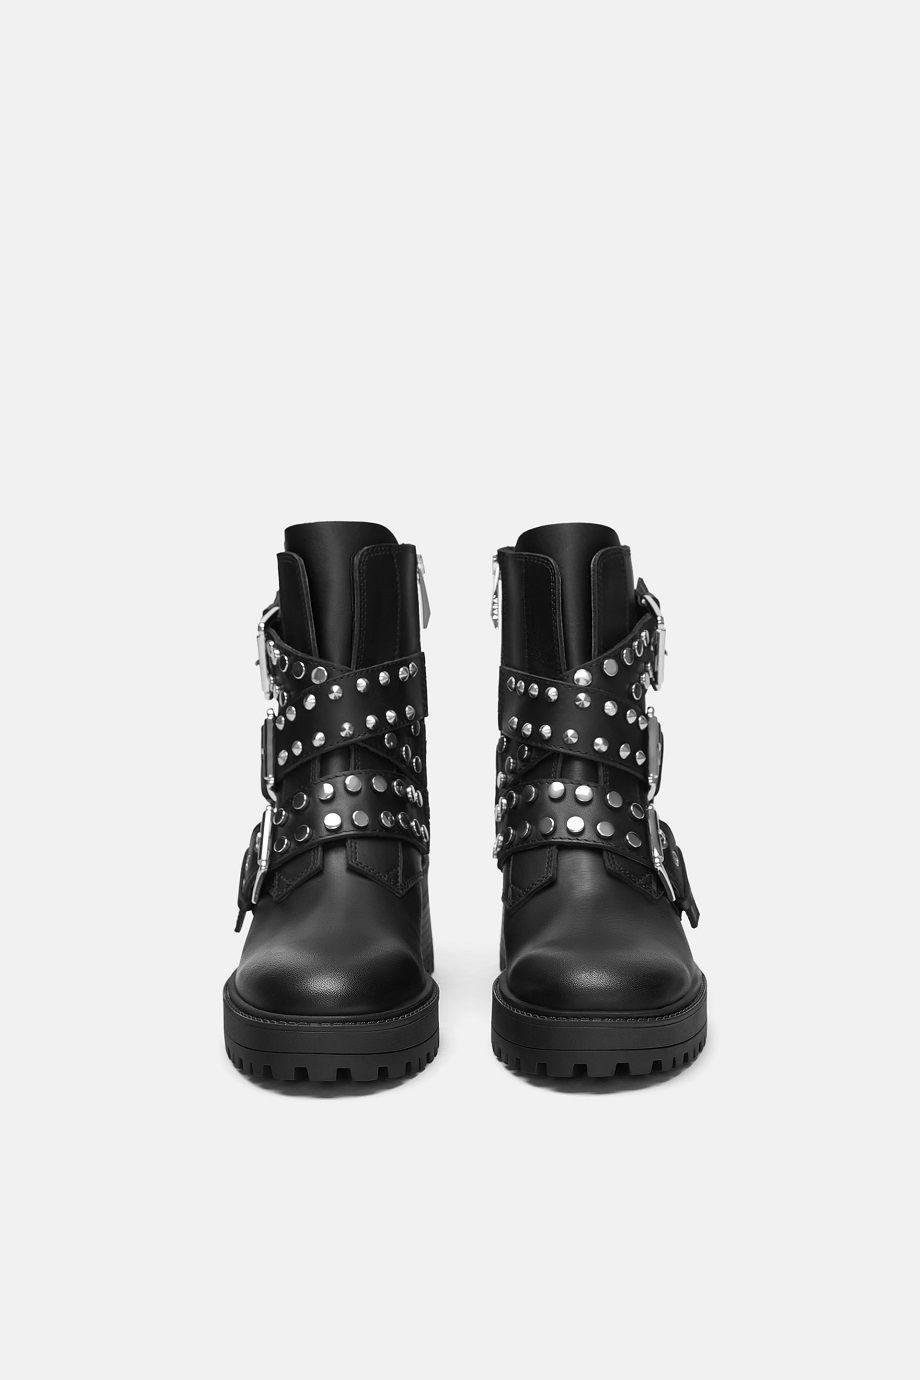 Siap-siap Banjir Pujian Saat Memakai 6 Model Sepatu Ini